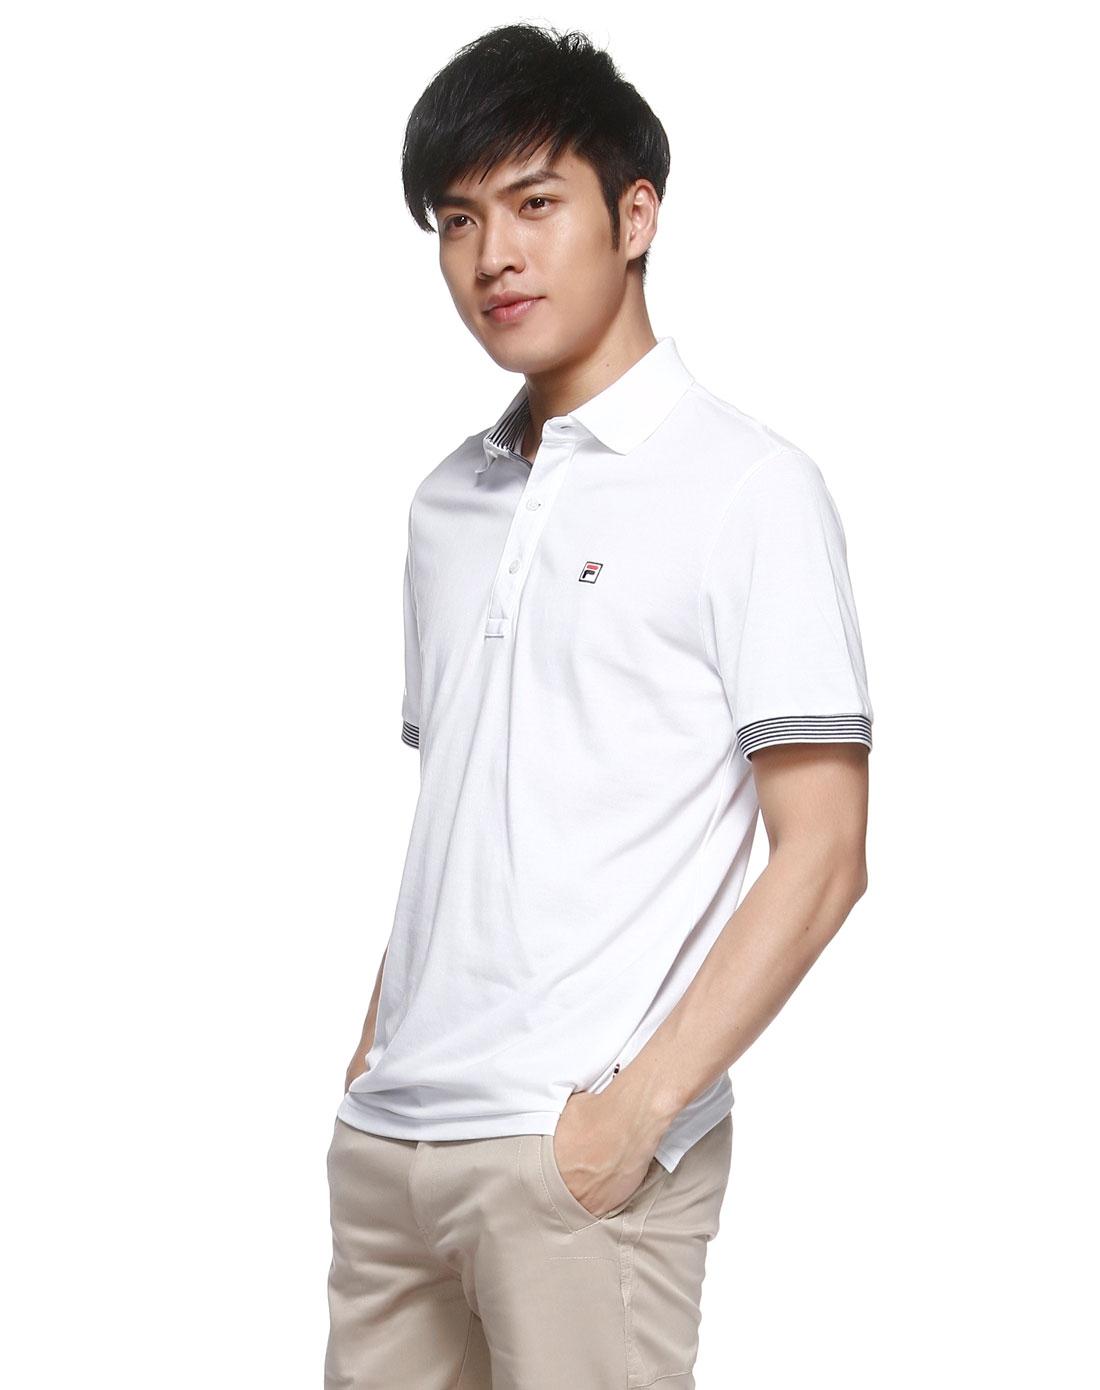 条纹袖口舒适男款白色短袖polo衫